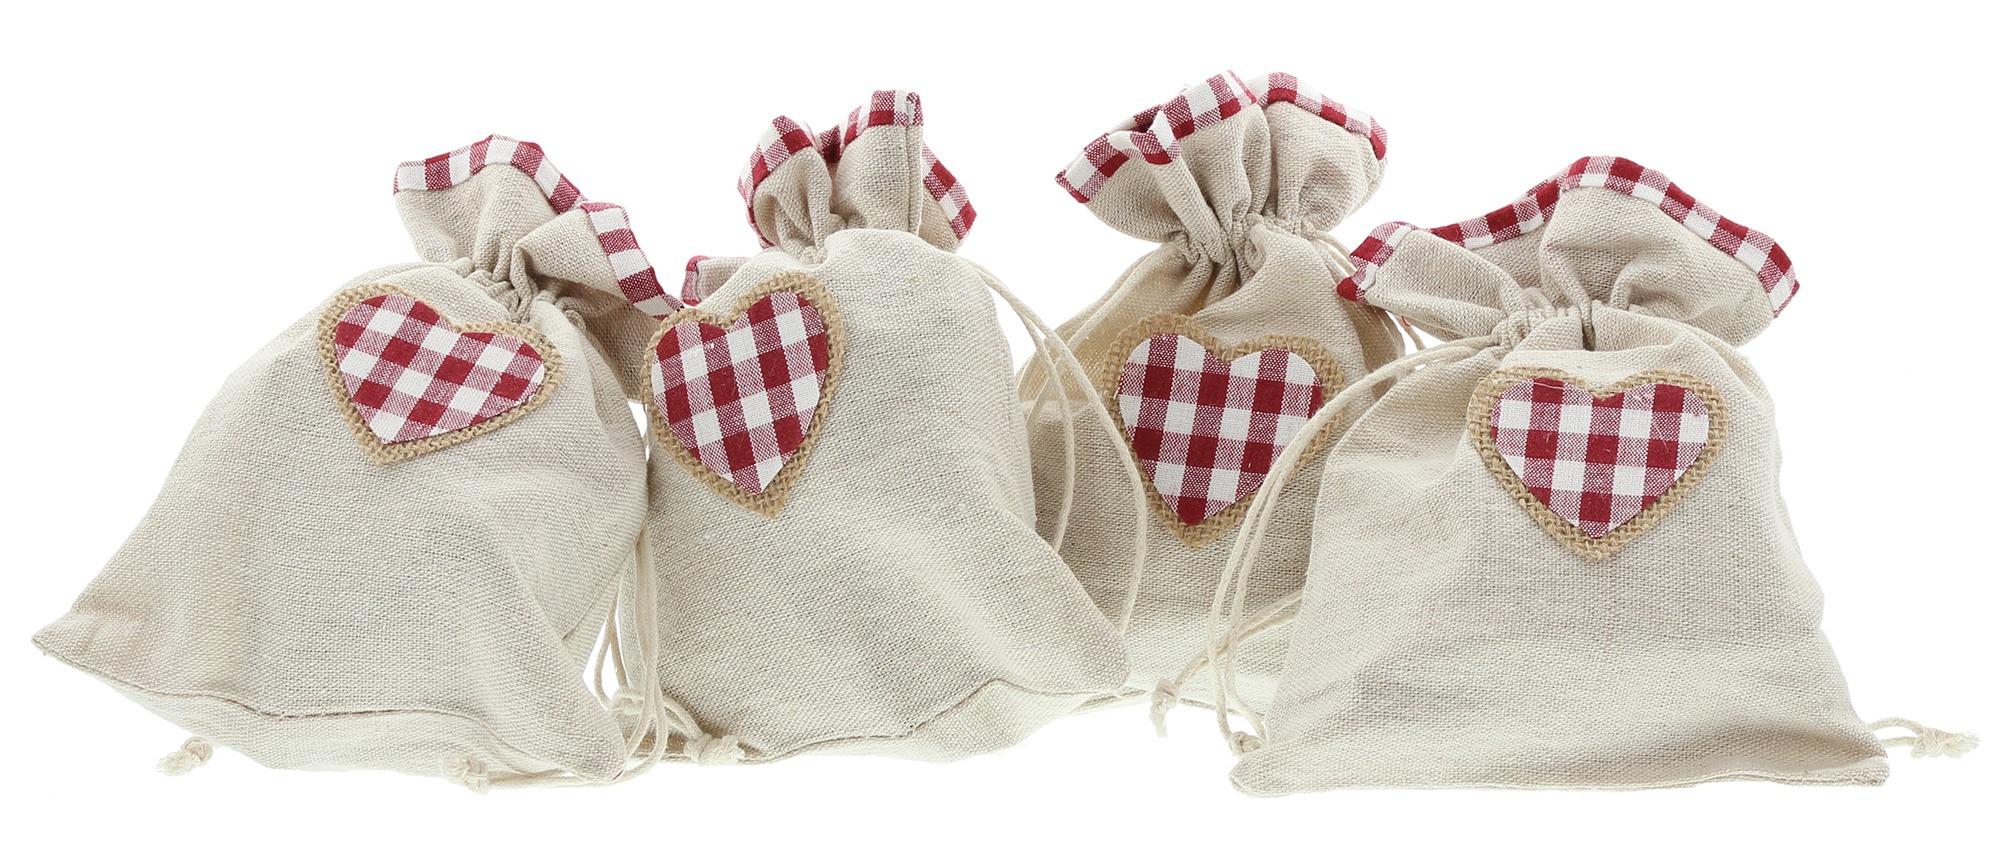 Geschenktaschen und Boxen für kleine Präsente